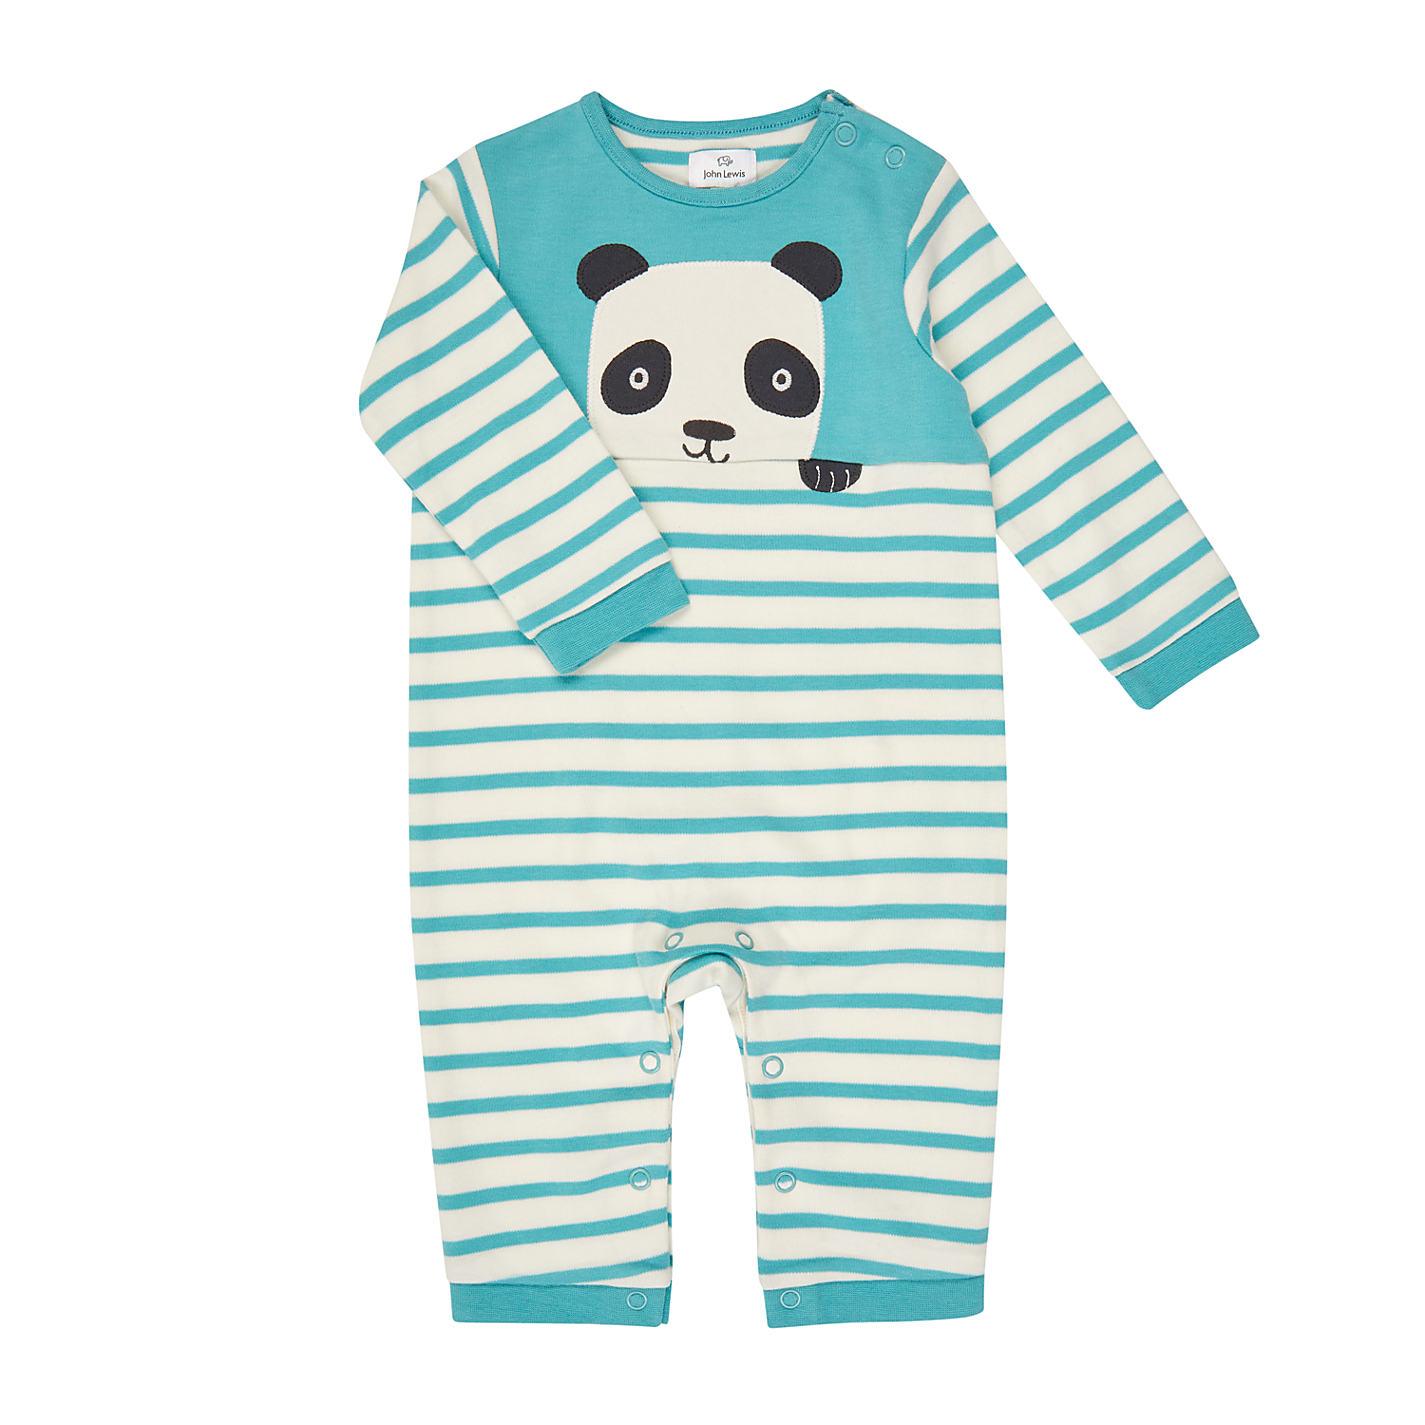 Top gifts for babies john lewis buy john lewis baby stripe panda long sleeve romper multi online at johnlewis negle Choice Image